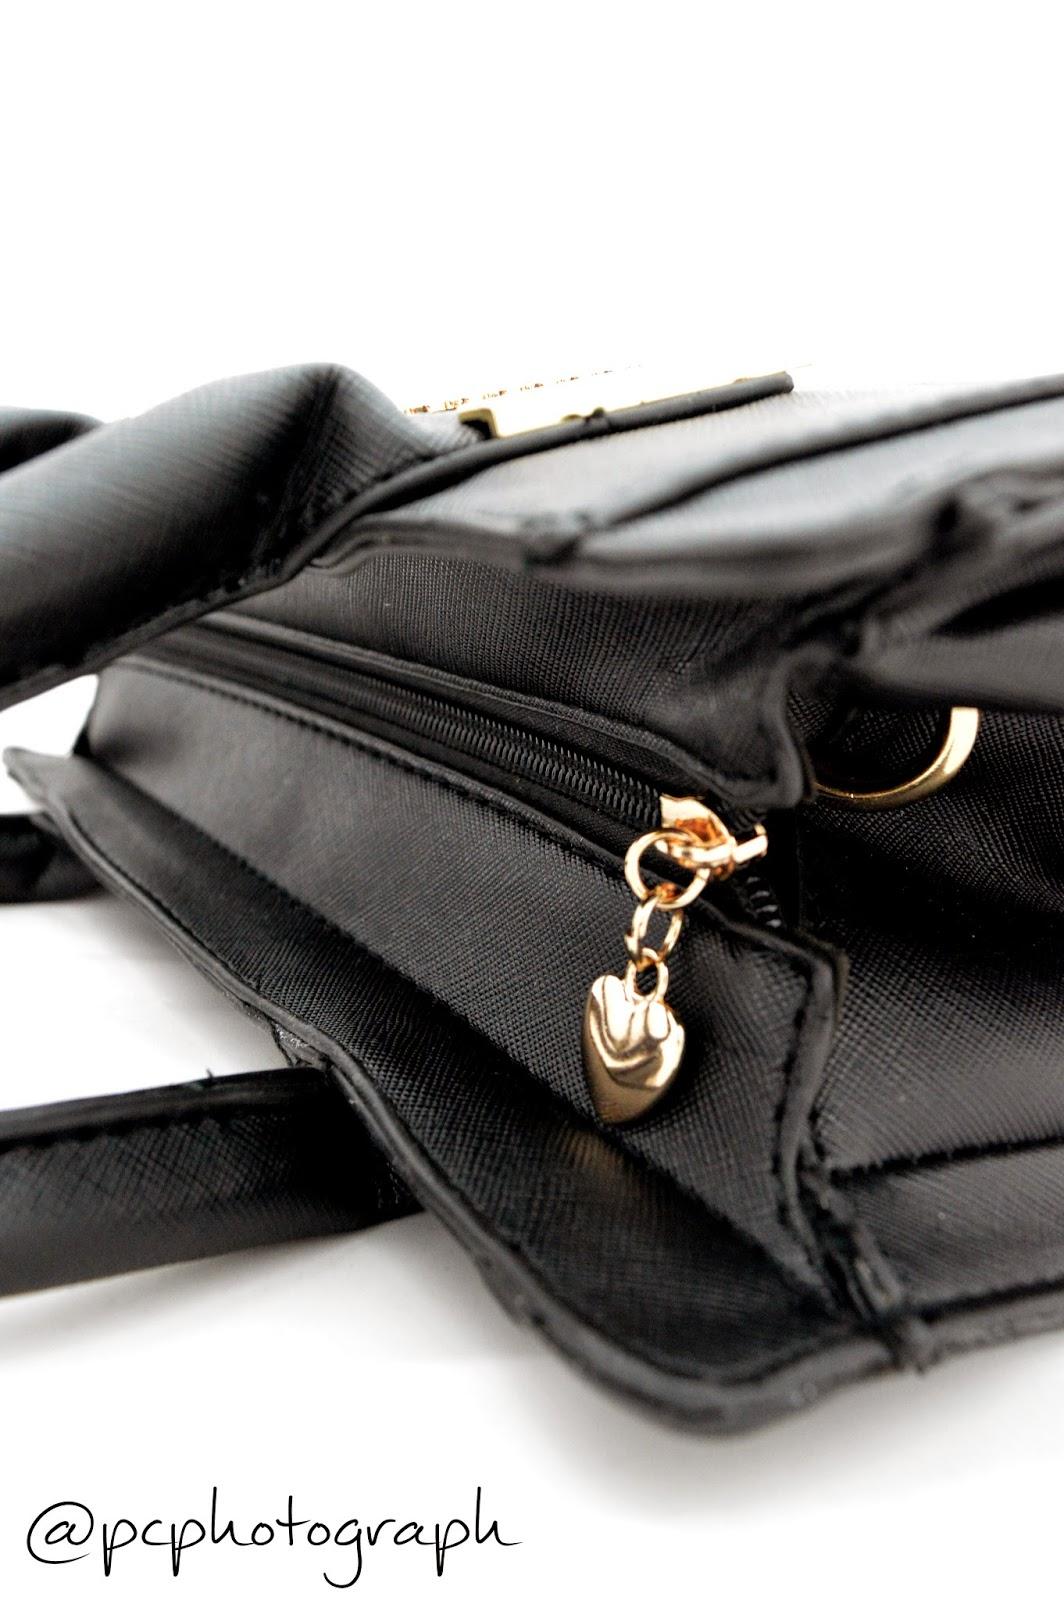 Supplier yang bergerak dibidang tas fashion menjual berbagai macam tas yang berkualitas dan murah serta unik bertempat di batam menerima dropshipper dan reseller sebagai media partner